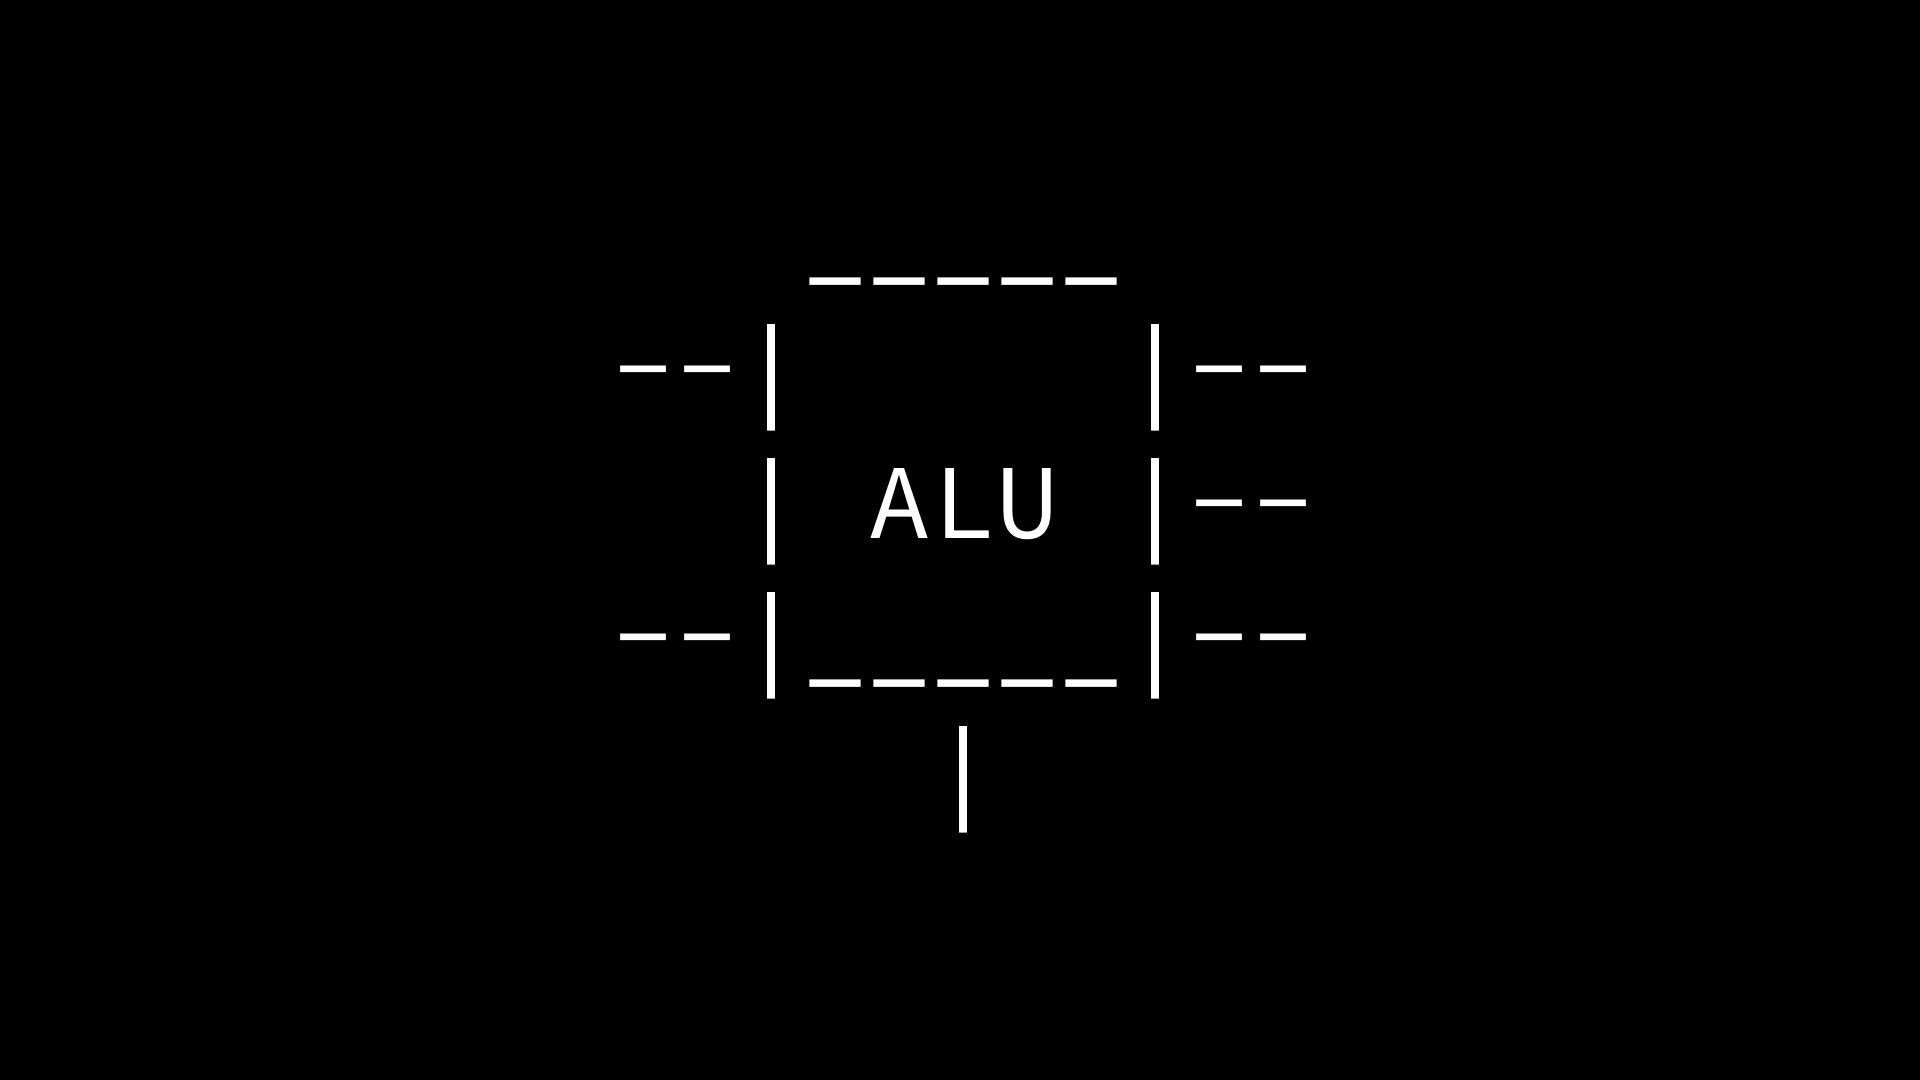 Arithmetic Logical Unit Sorusuna Uyun Ekilleri Pulsuz Ykle 8 Bit Alu Circuit Diagram 1920x1080steam Card Exchangealu Tciaffairs